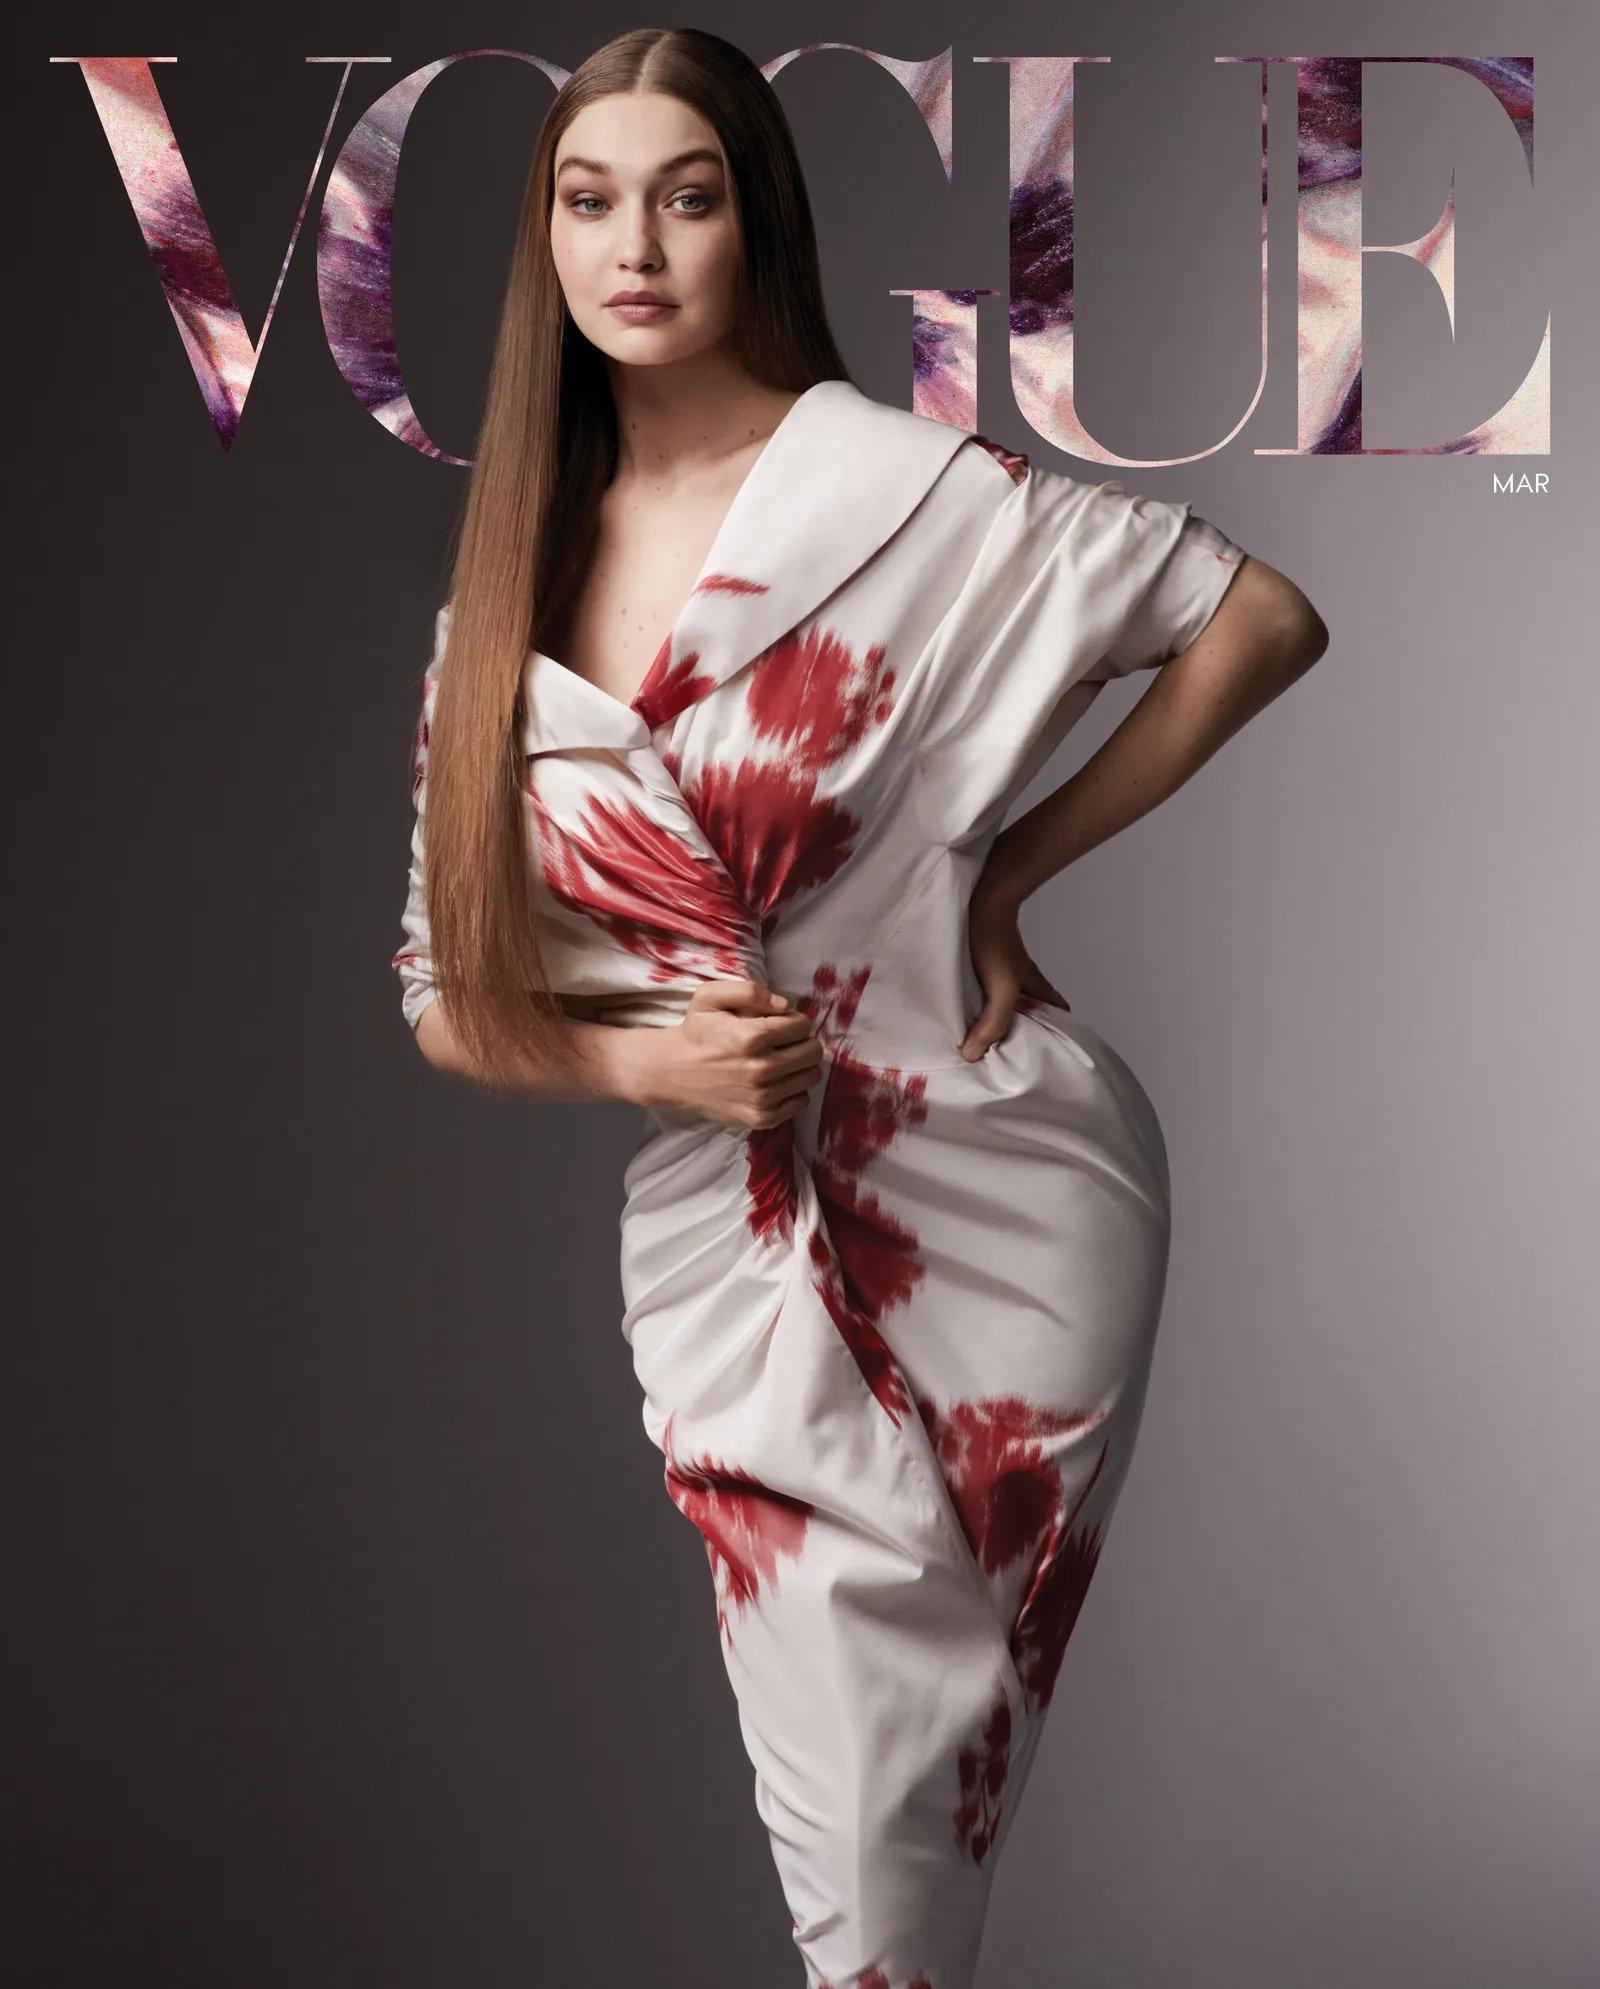 PHOTOS Gigi Hadid est de retour dans Vogue!